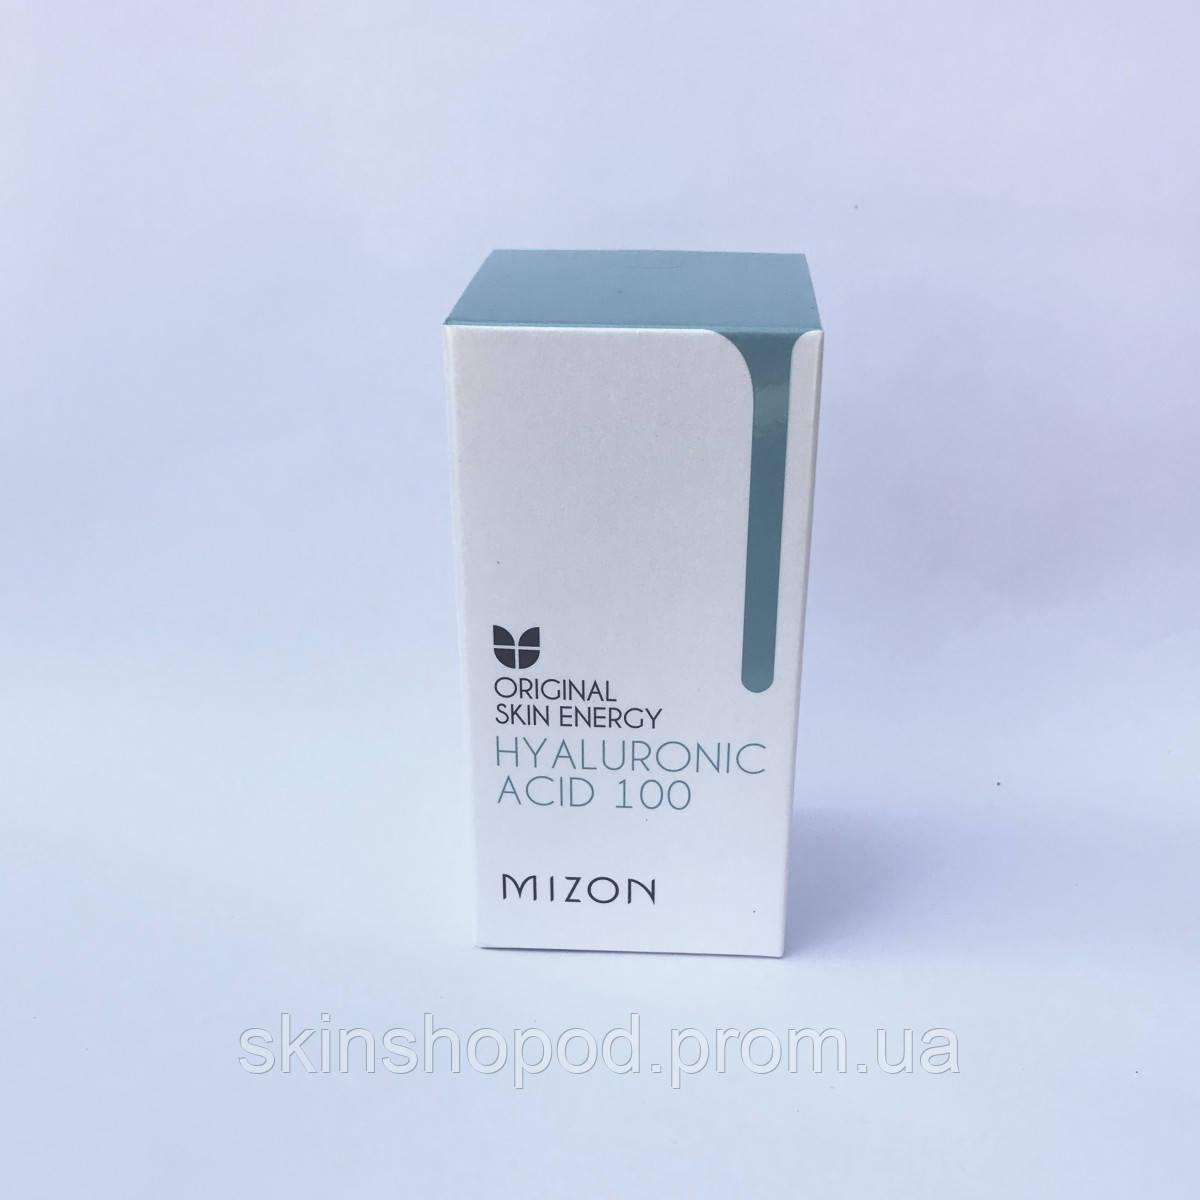 Сыворотка гиалуроновой кислоты MIZON HYALURONIC ACID 100 - 30 мл